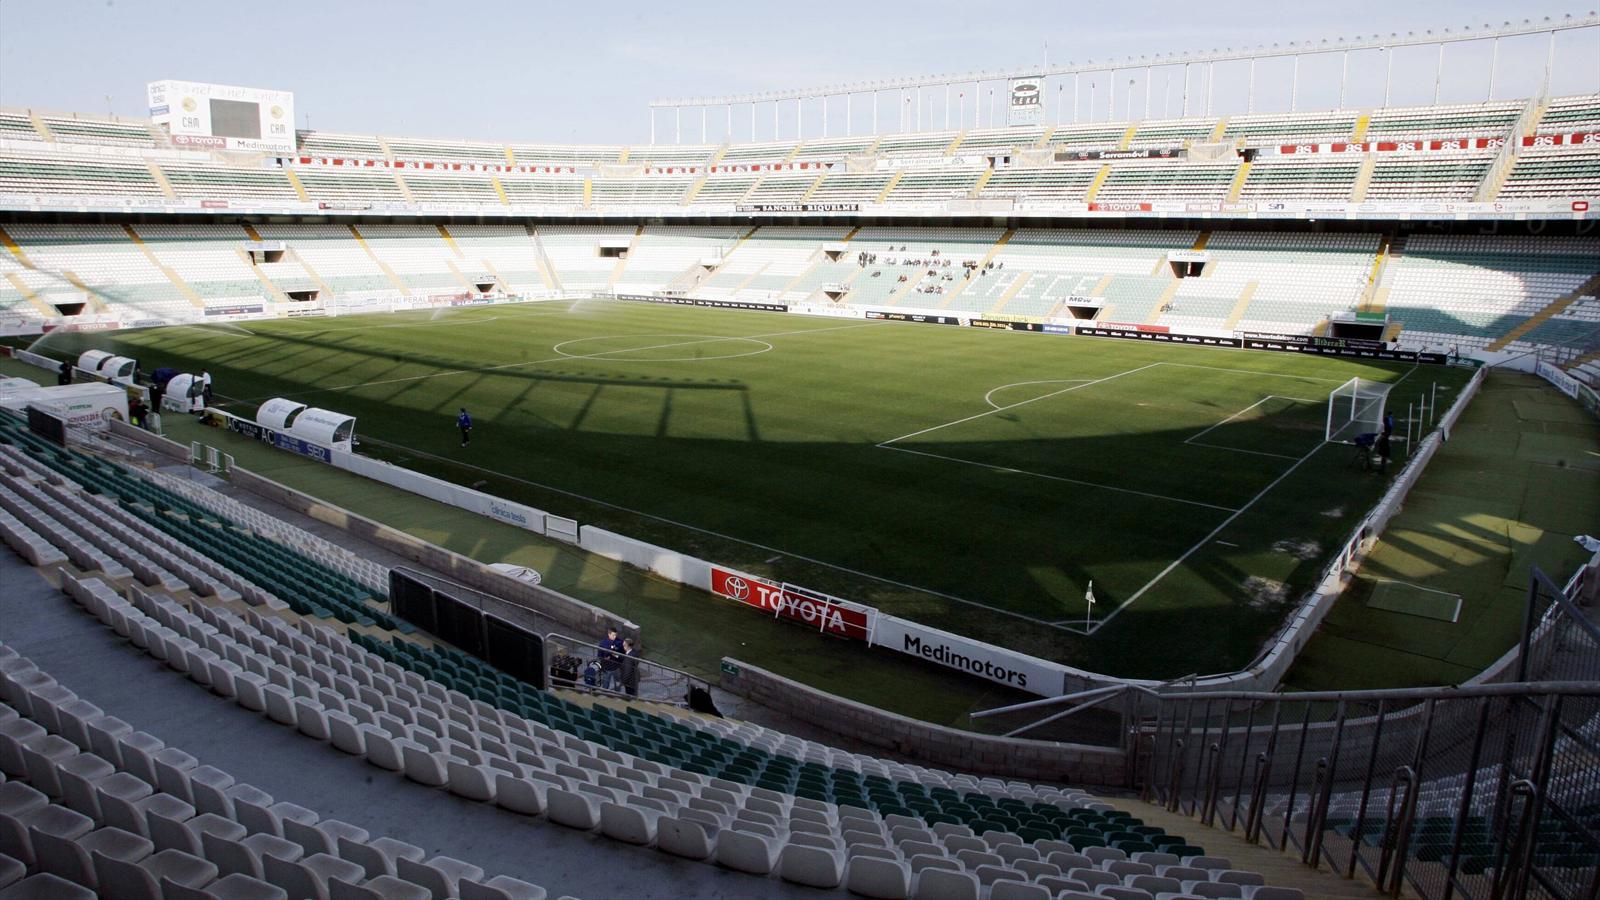 LIVE Elche CF - Real Oviedo Liga adelante - 11 June 2017 - Eurosport.com AU